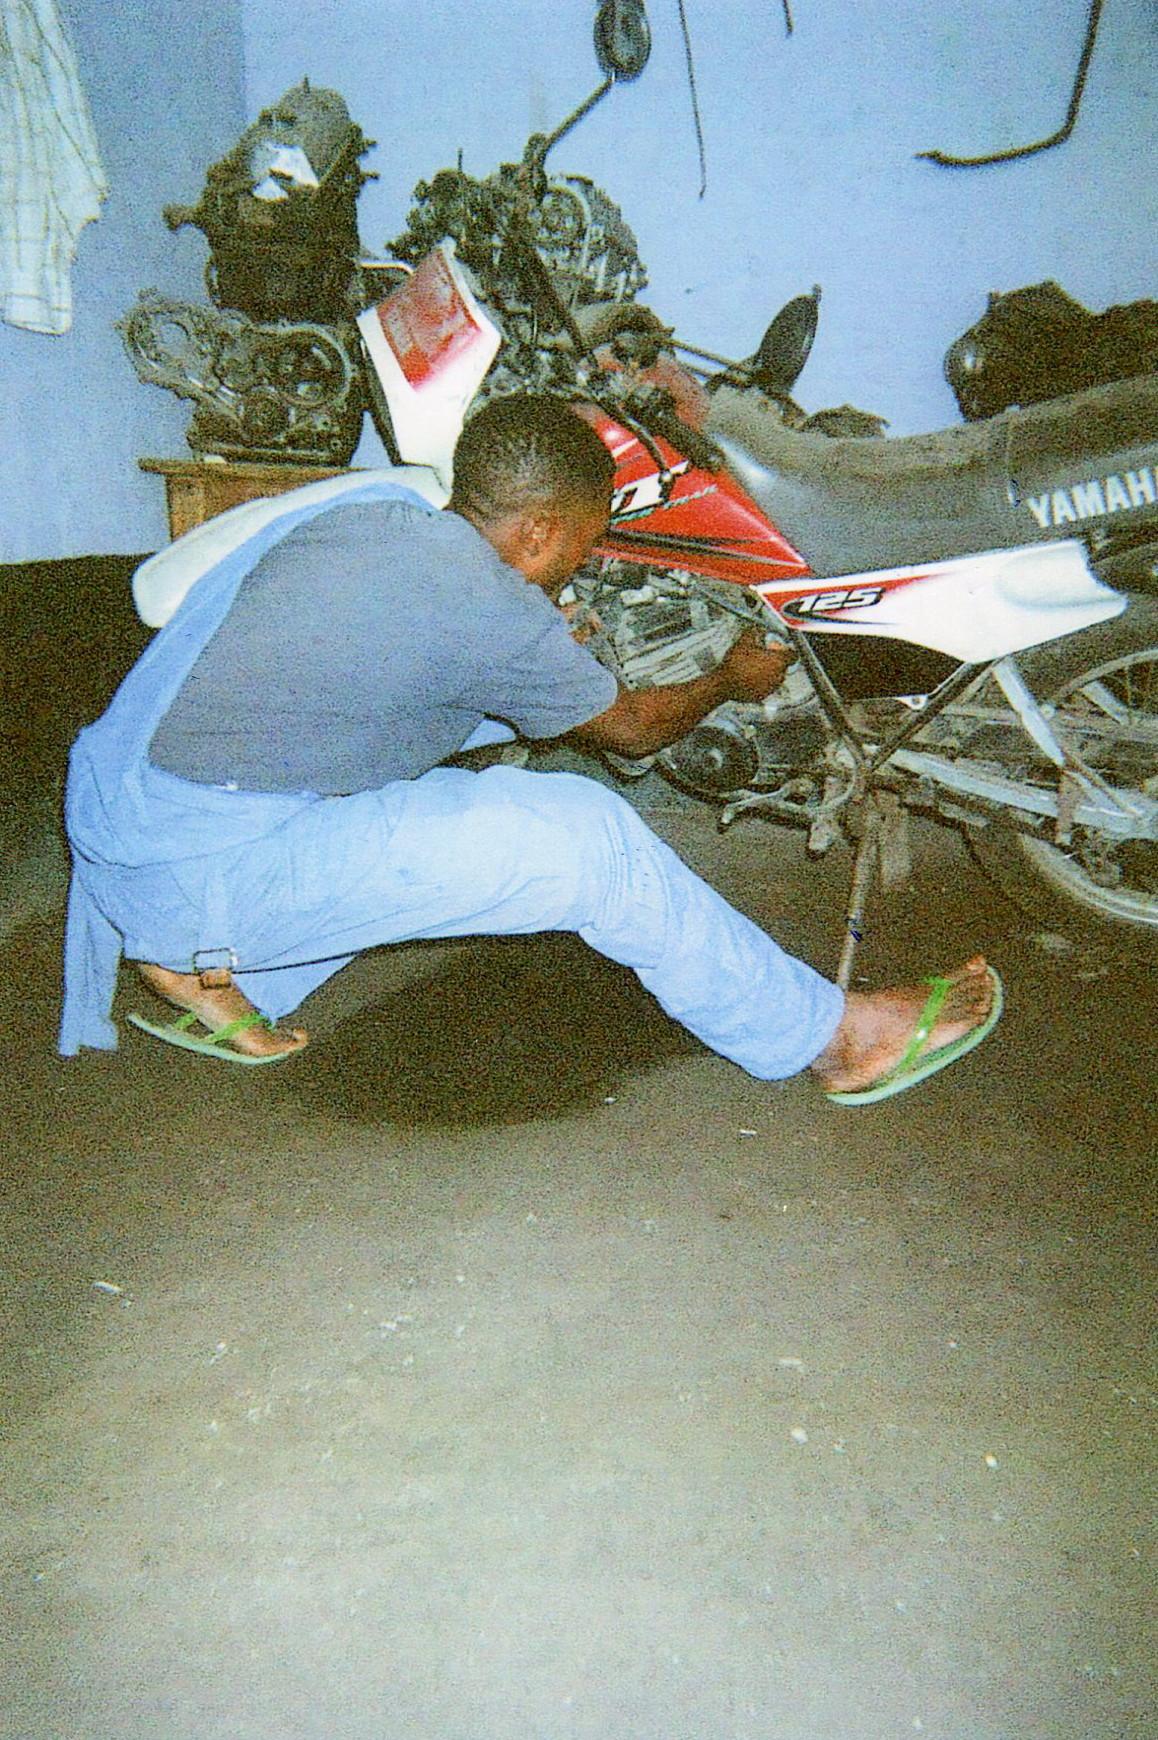 Practice session: Moto repair.